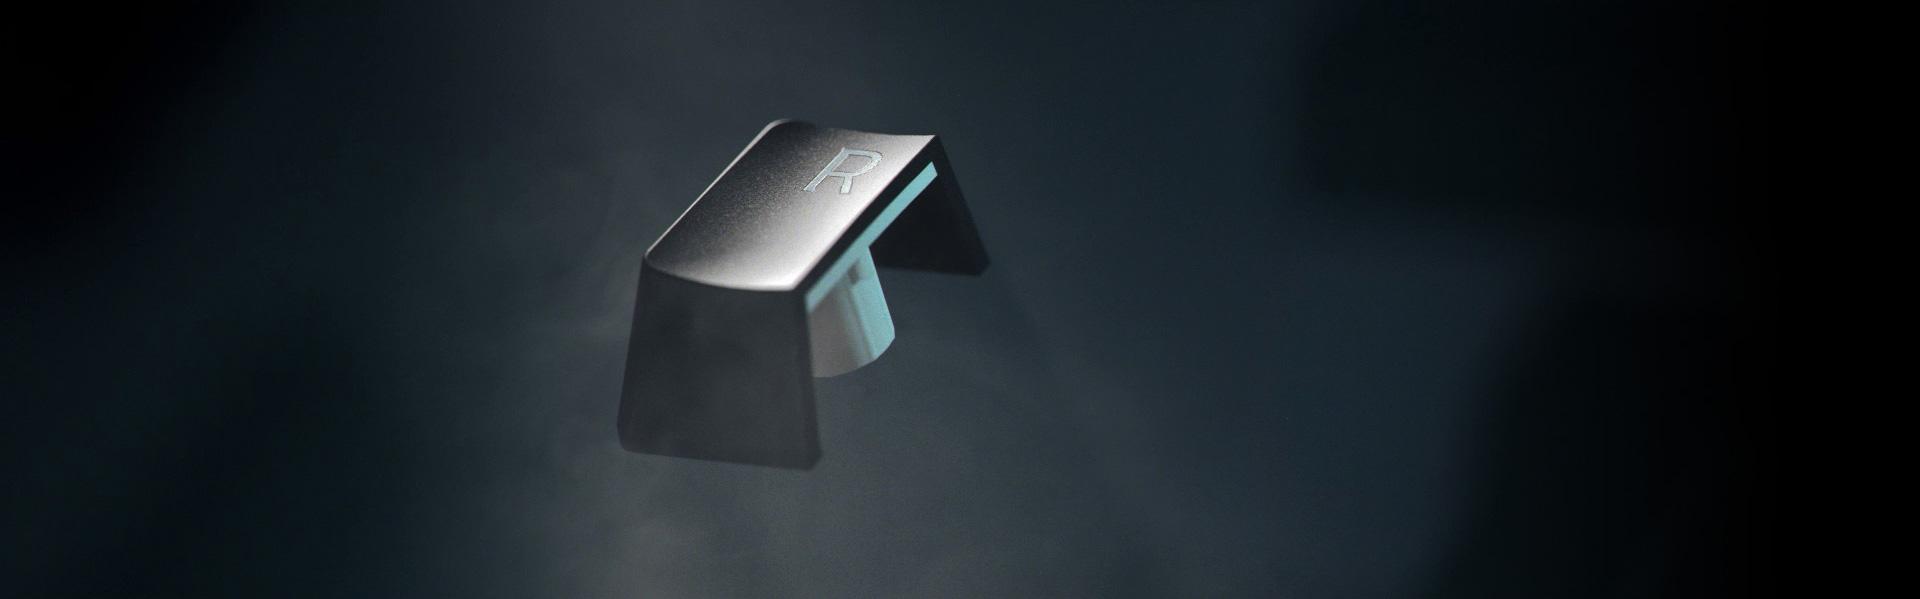 Bàn phím Không dây Razer BlackWidow V3 Pro (USB Wireless/Green switch/Bluetooth) (RZ03-03530100-R3M1) sử dụng keycap ABS với công nghệ in Doubleshot